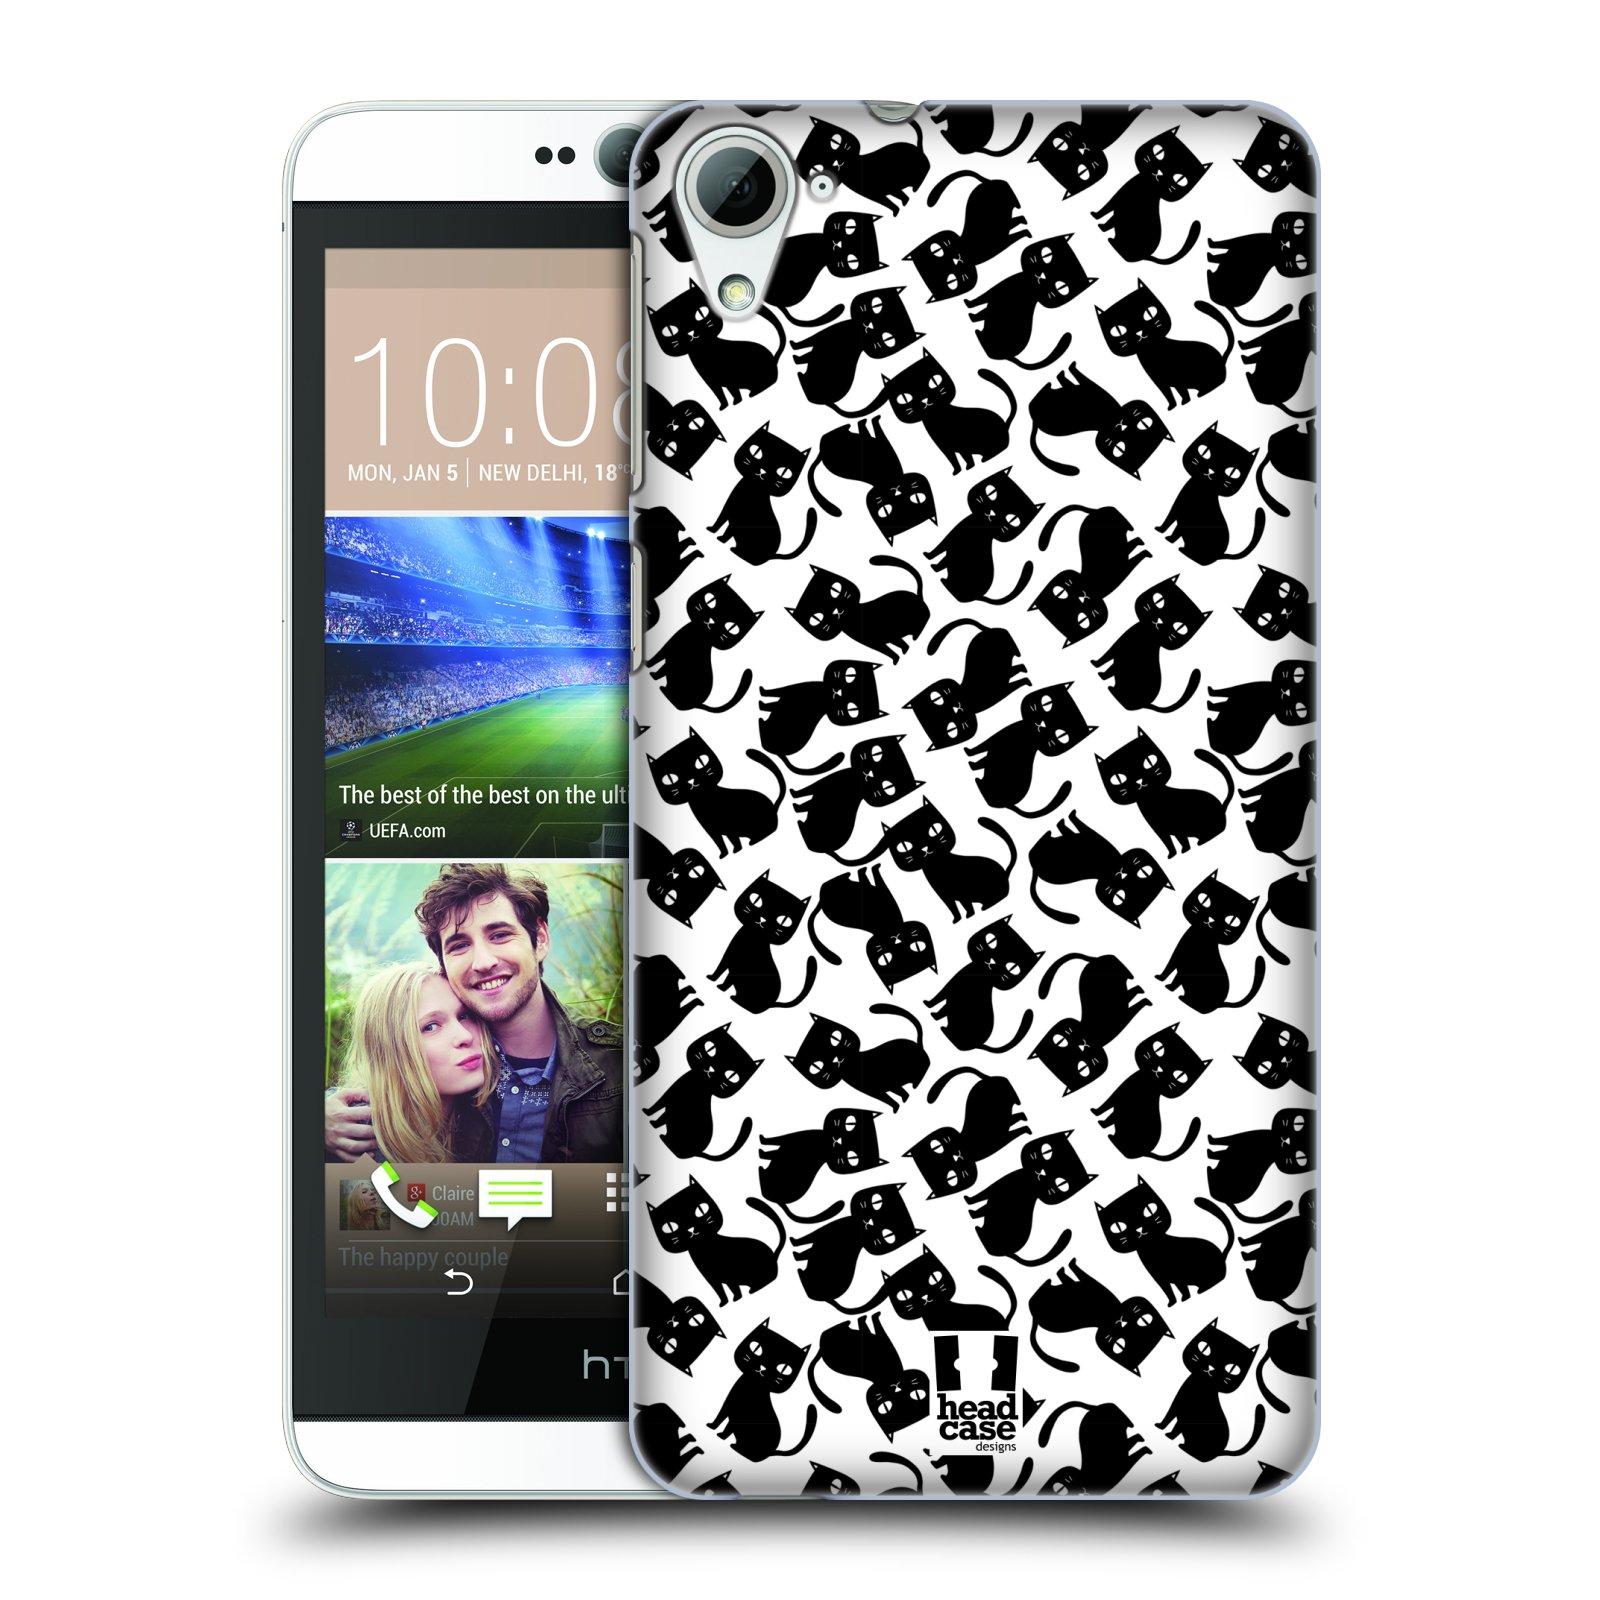 Plastové pouzdro na mobil HTC Desire 826 HEAD CASE KOČKY Black Pattern (Kryt či obal na mobilní telefon HTC Desire 826 Dual SIM)